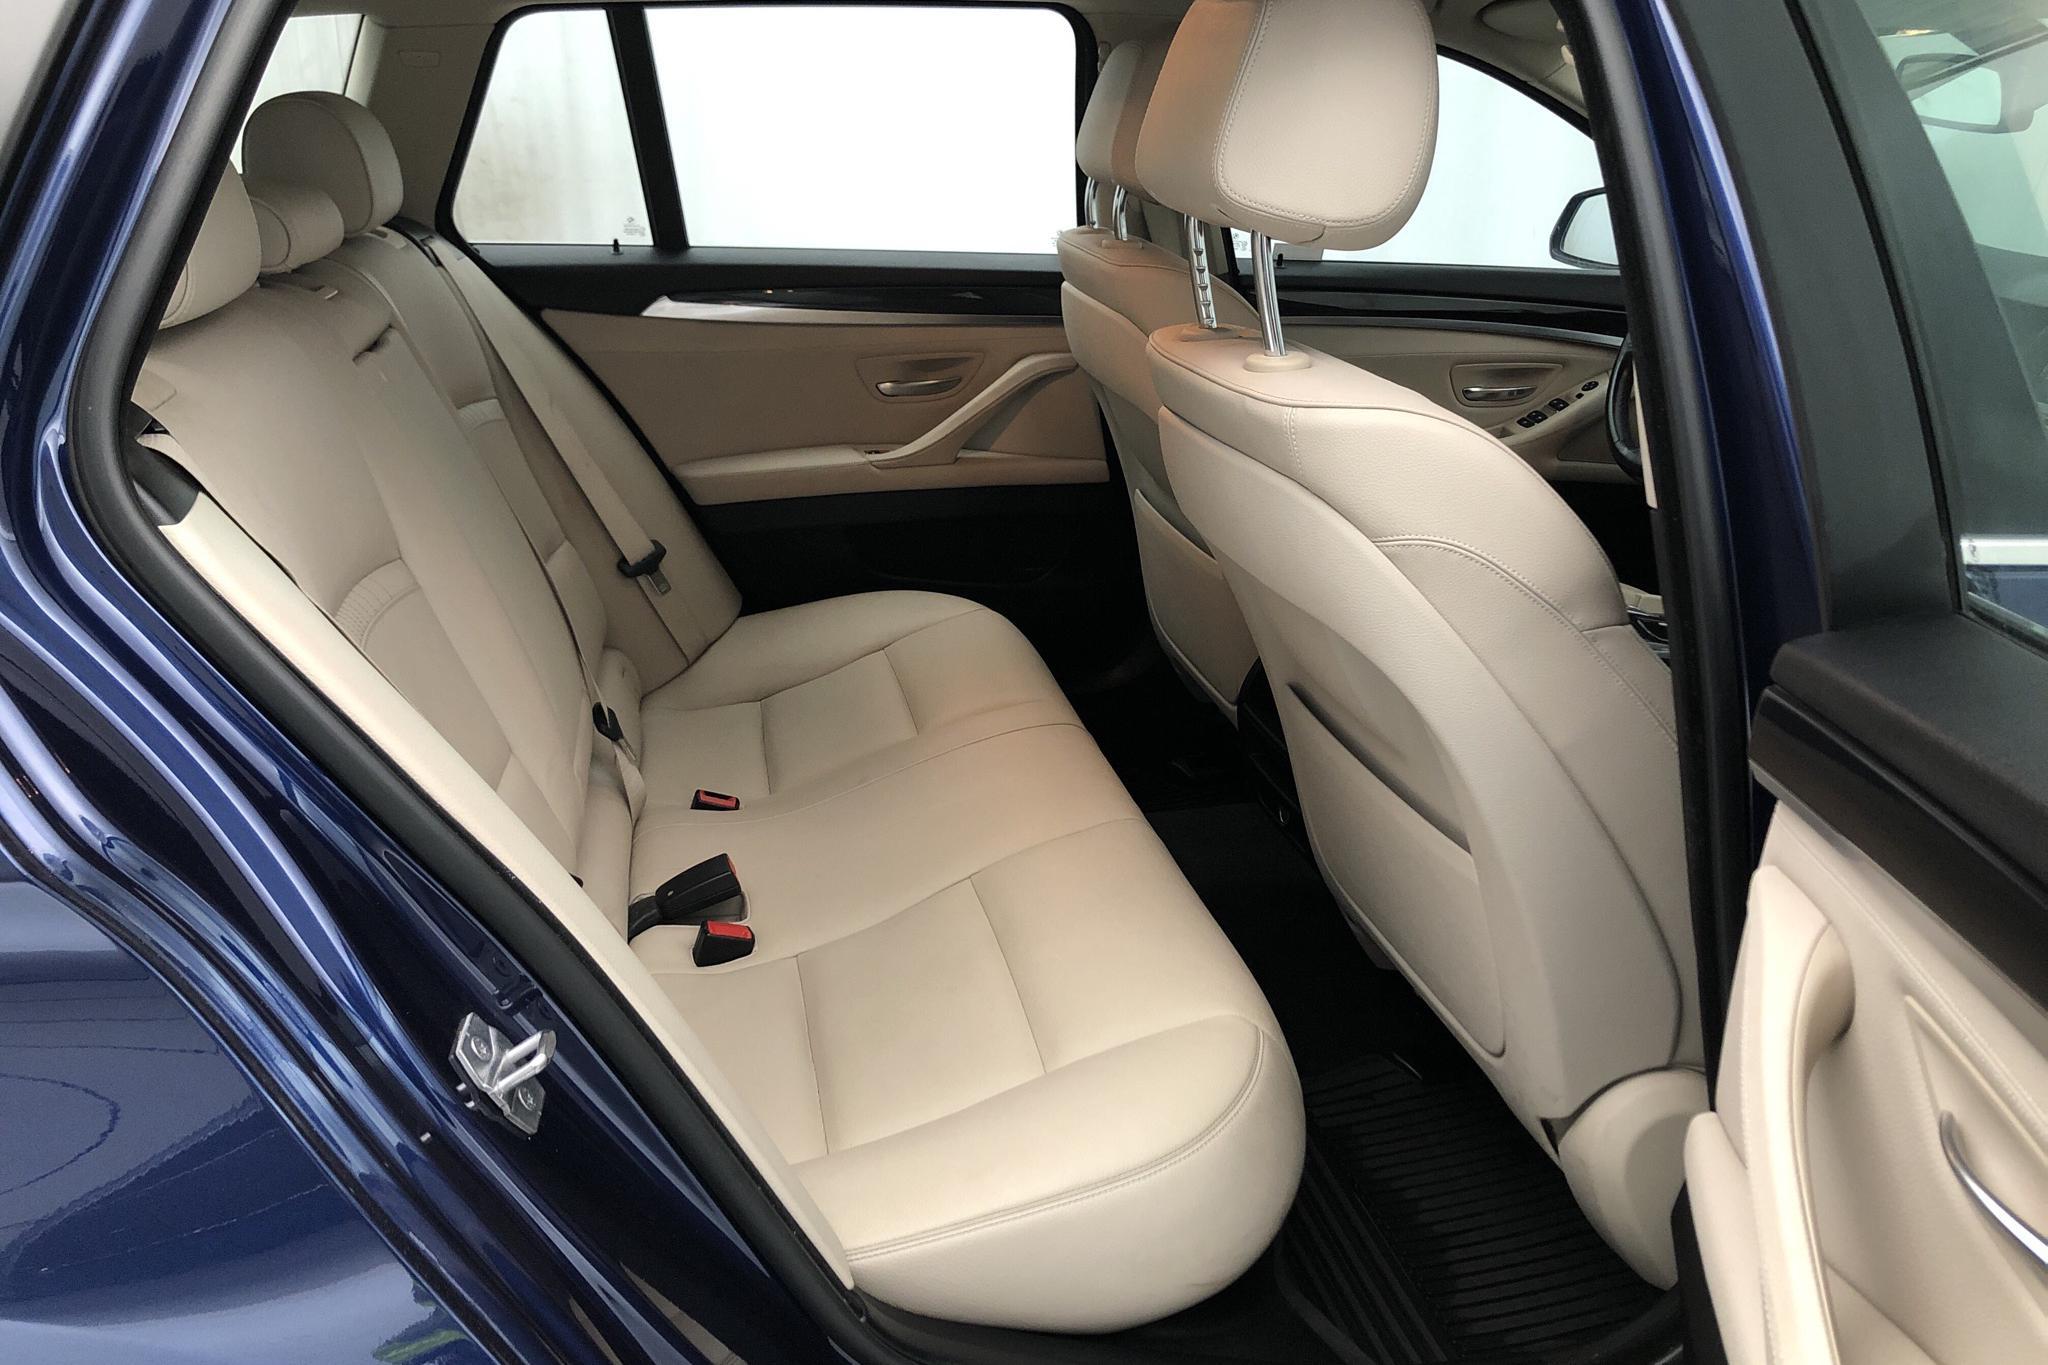 BMW 520d xDrive Touring, F11 (190hk) - 13 216 mil - Automat - blå - 2016